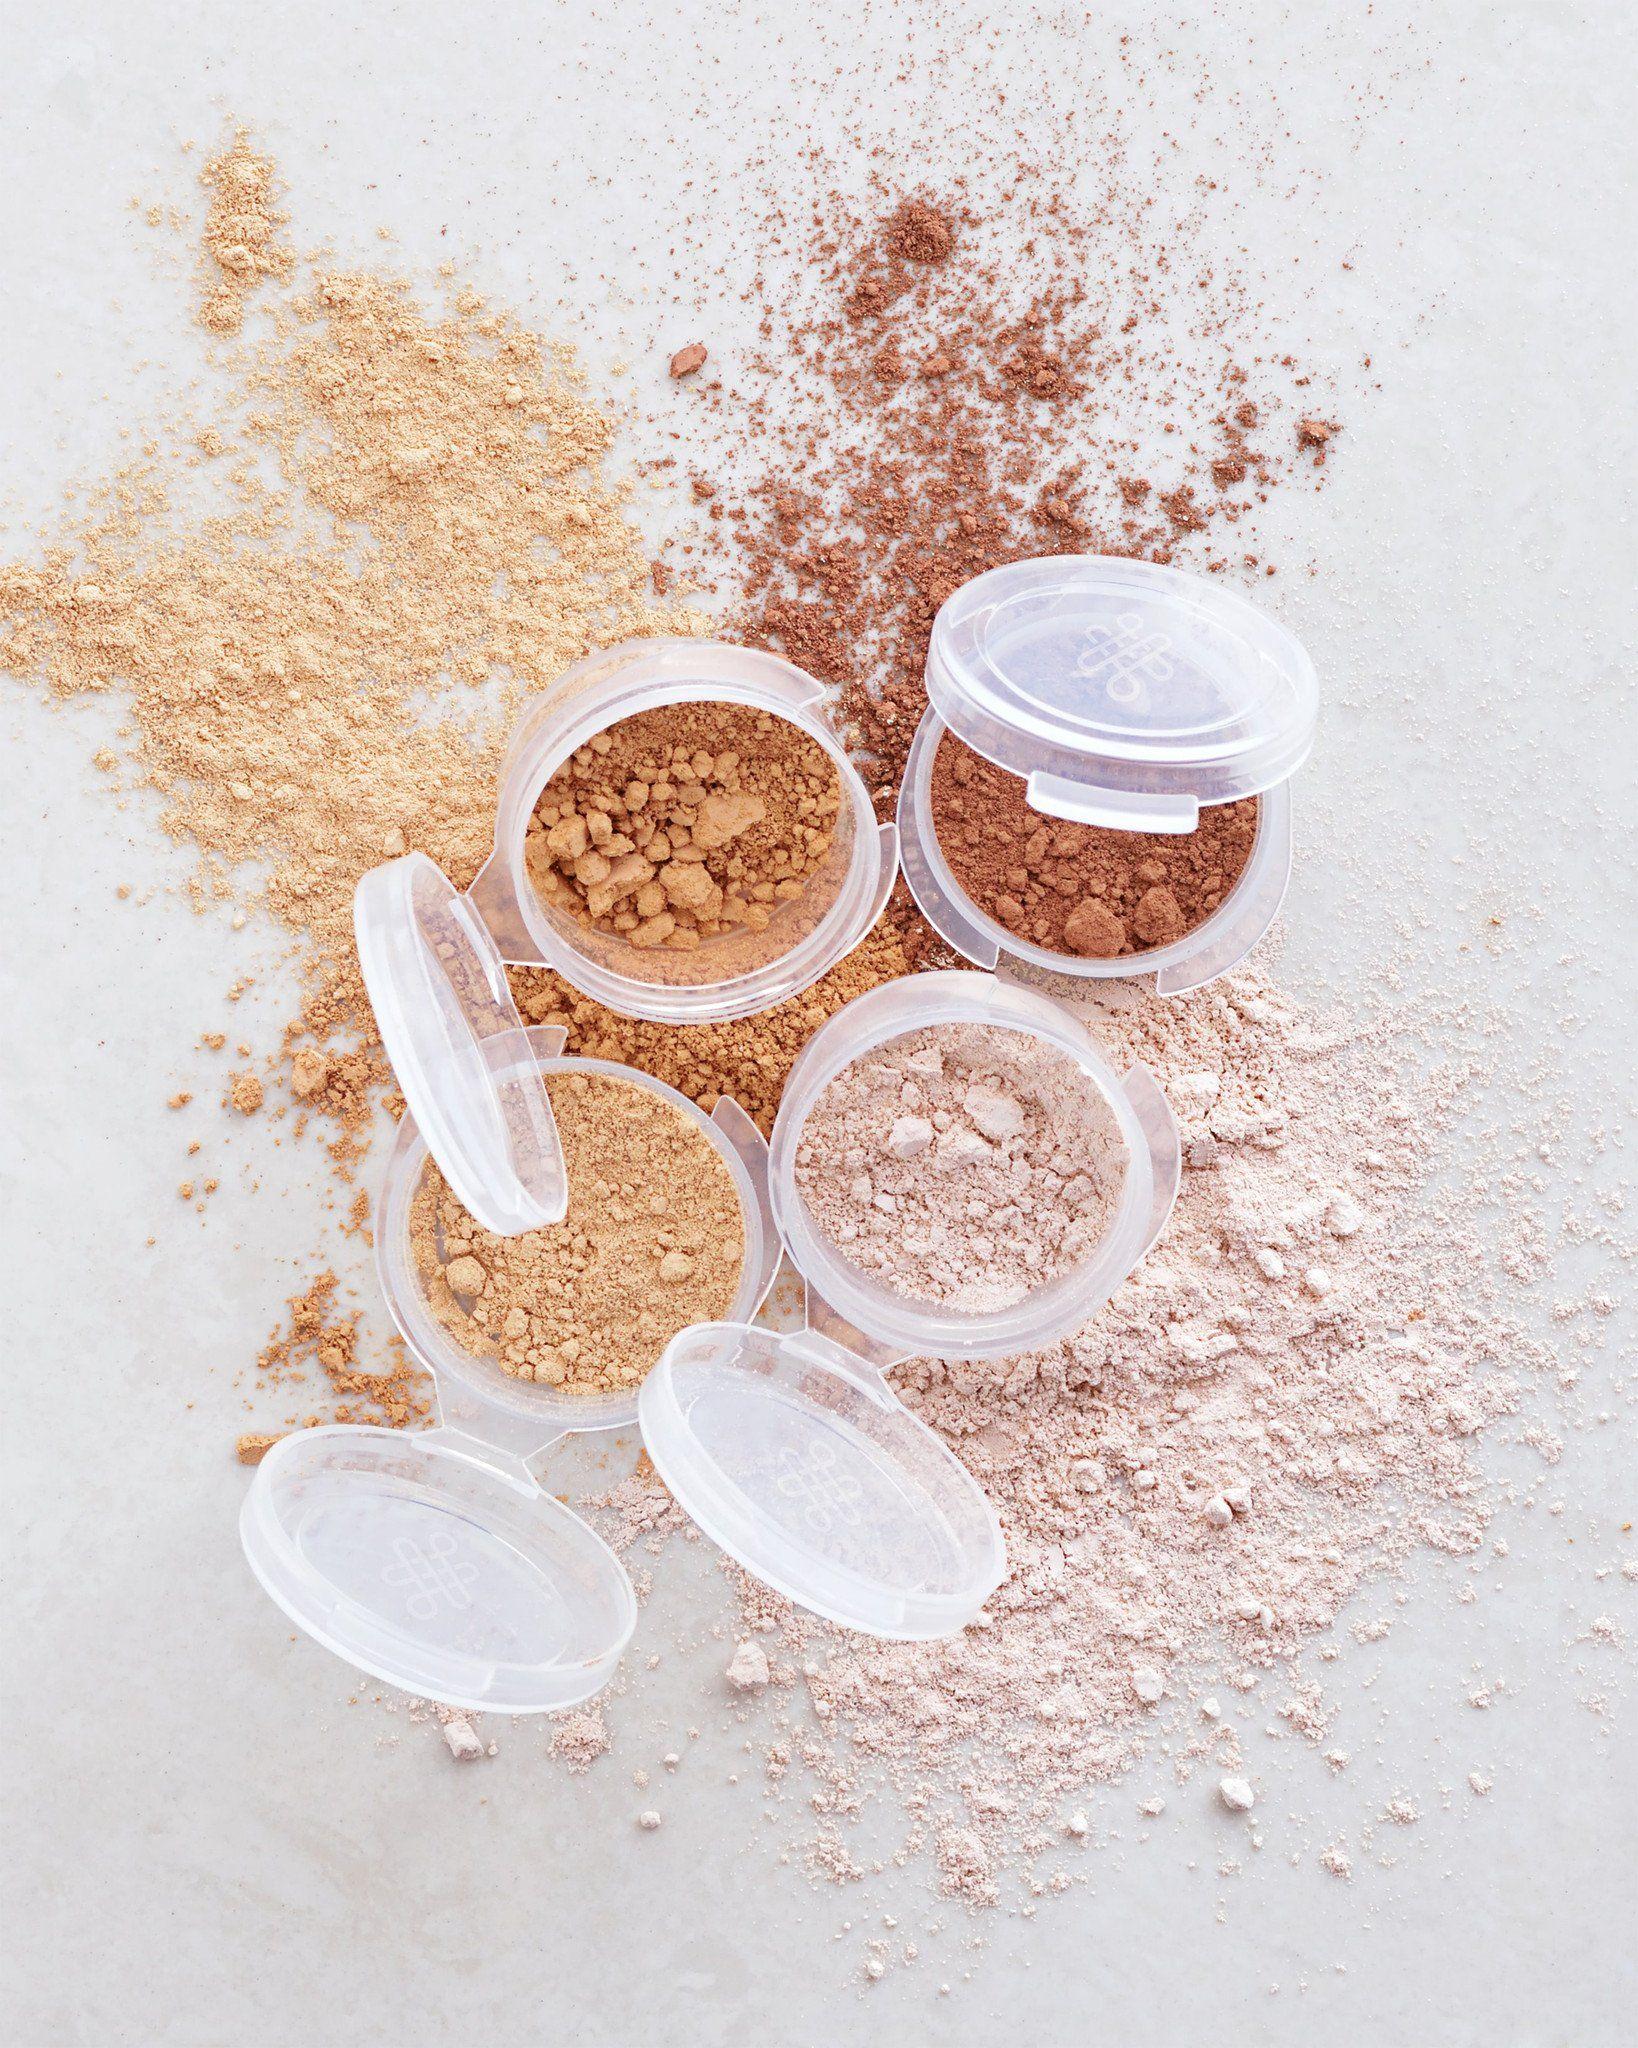 Loose Powder Foundation Samples Subtle Coverage